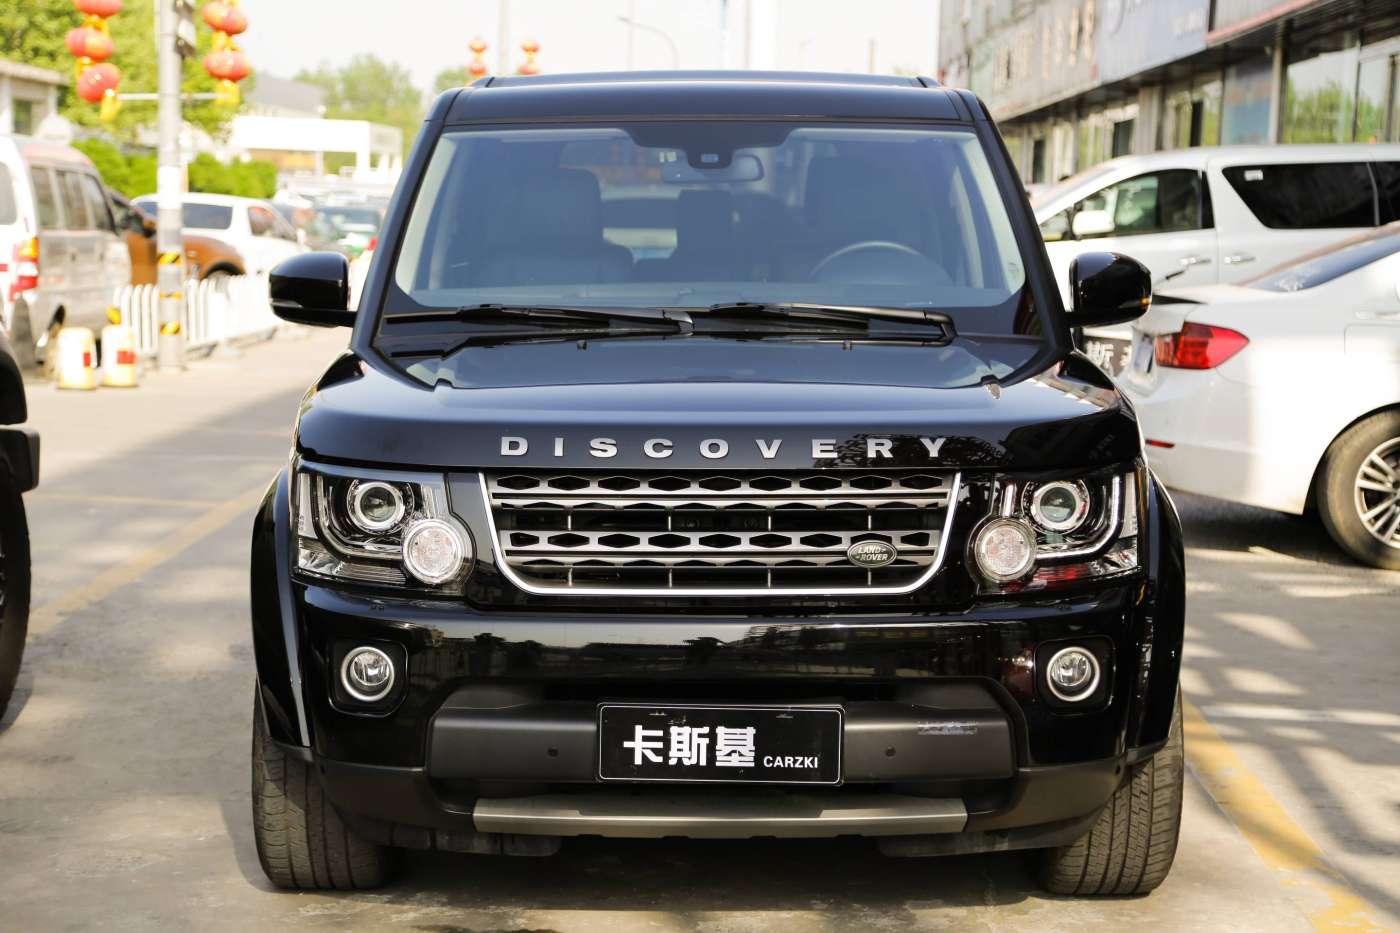 2016年12月 路虎 2016款 第四代发现 3.0 V6 SC HSE|甄选捷豹路虎-北京卡斯基汽车服务有限公司